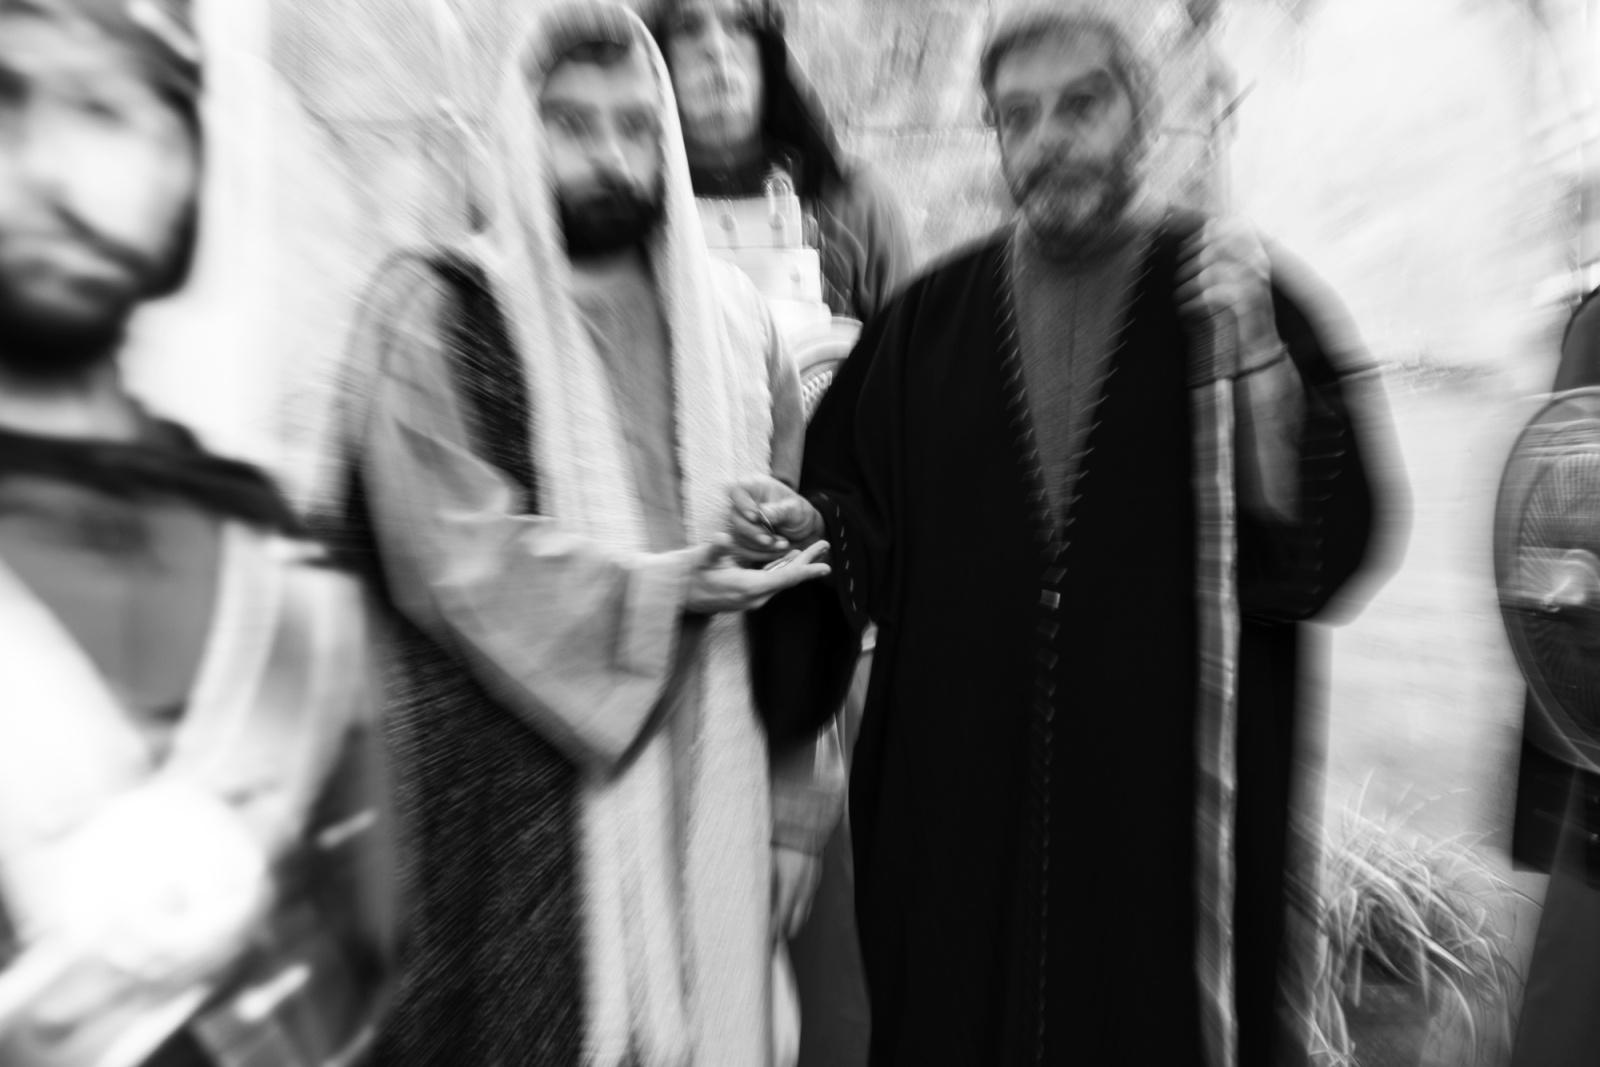 La via della croce